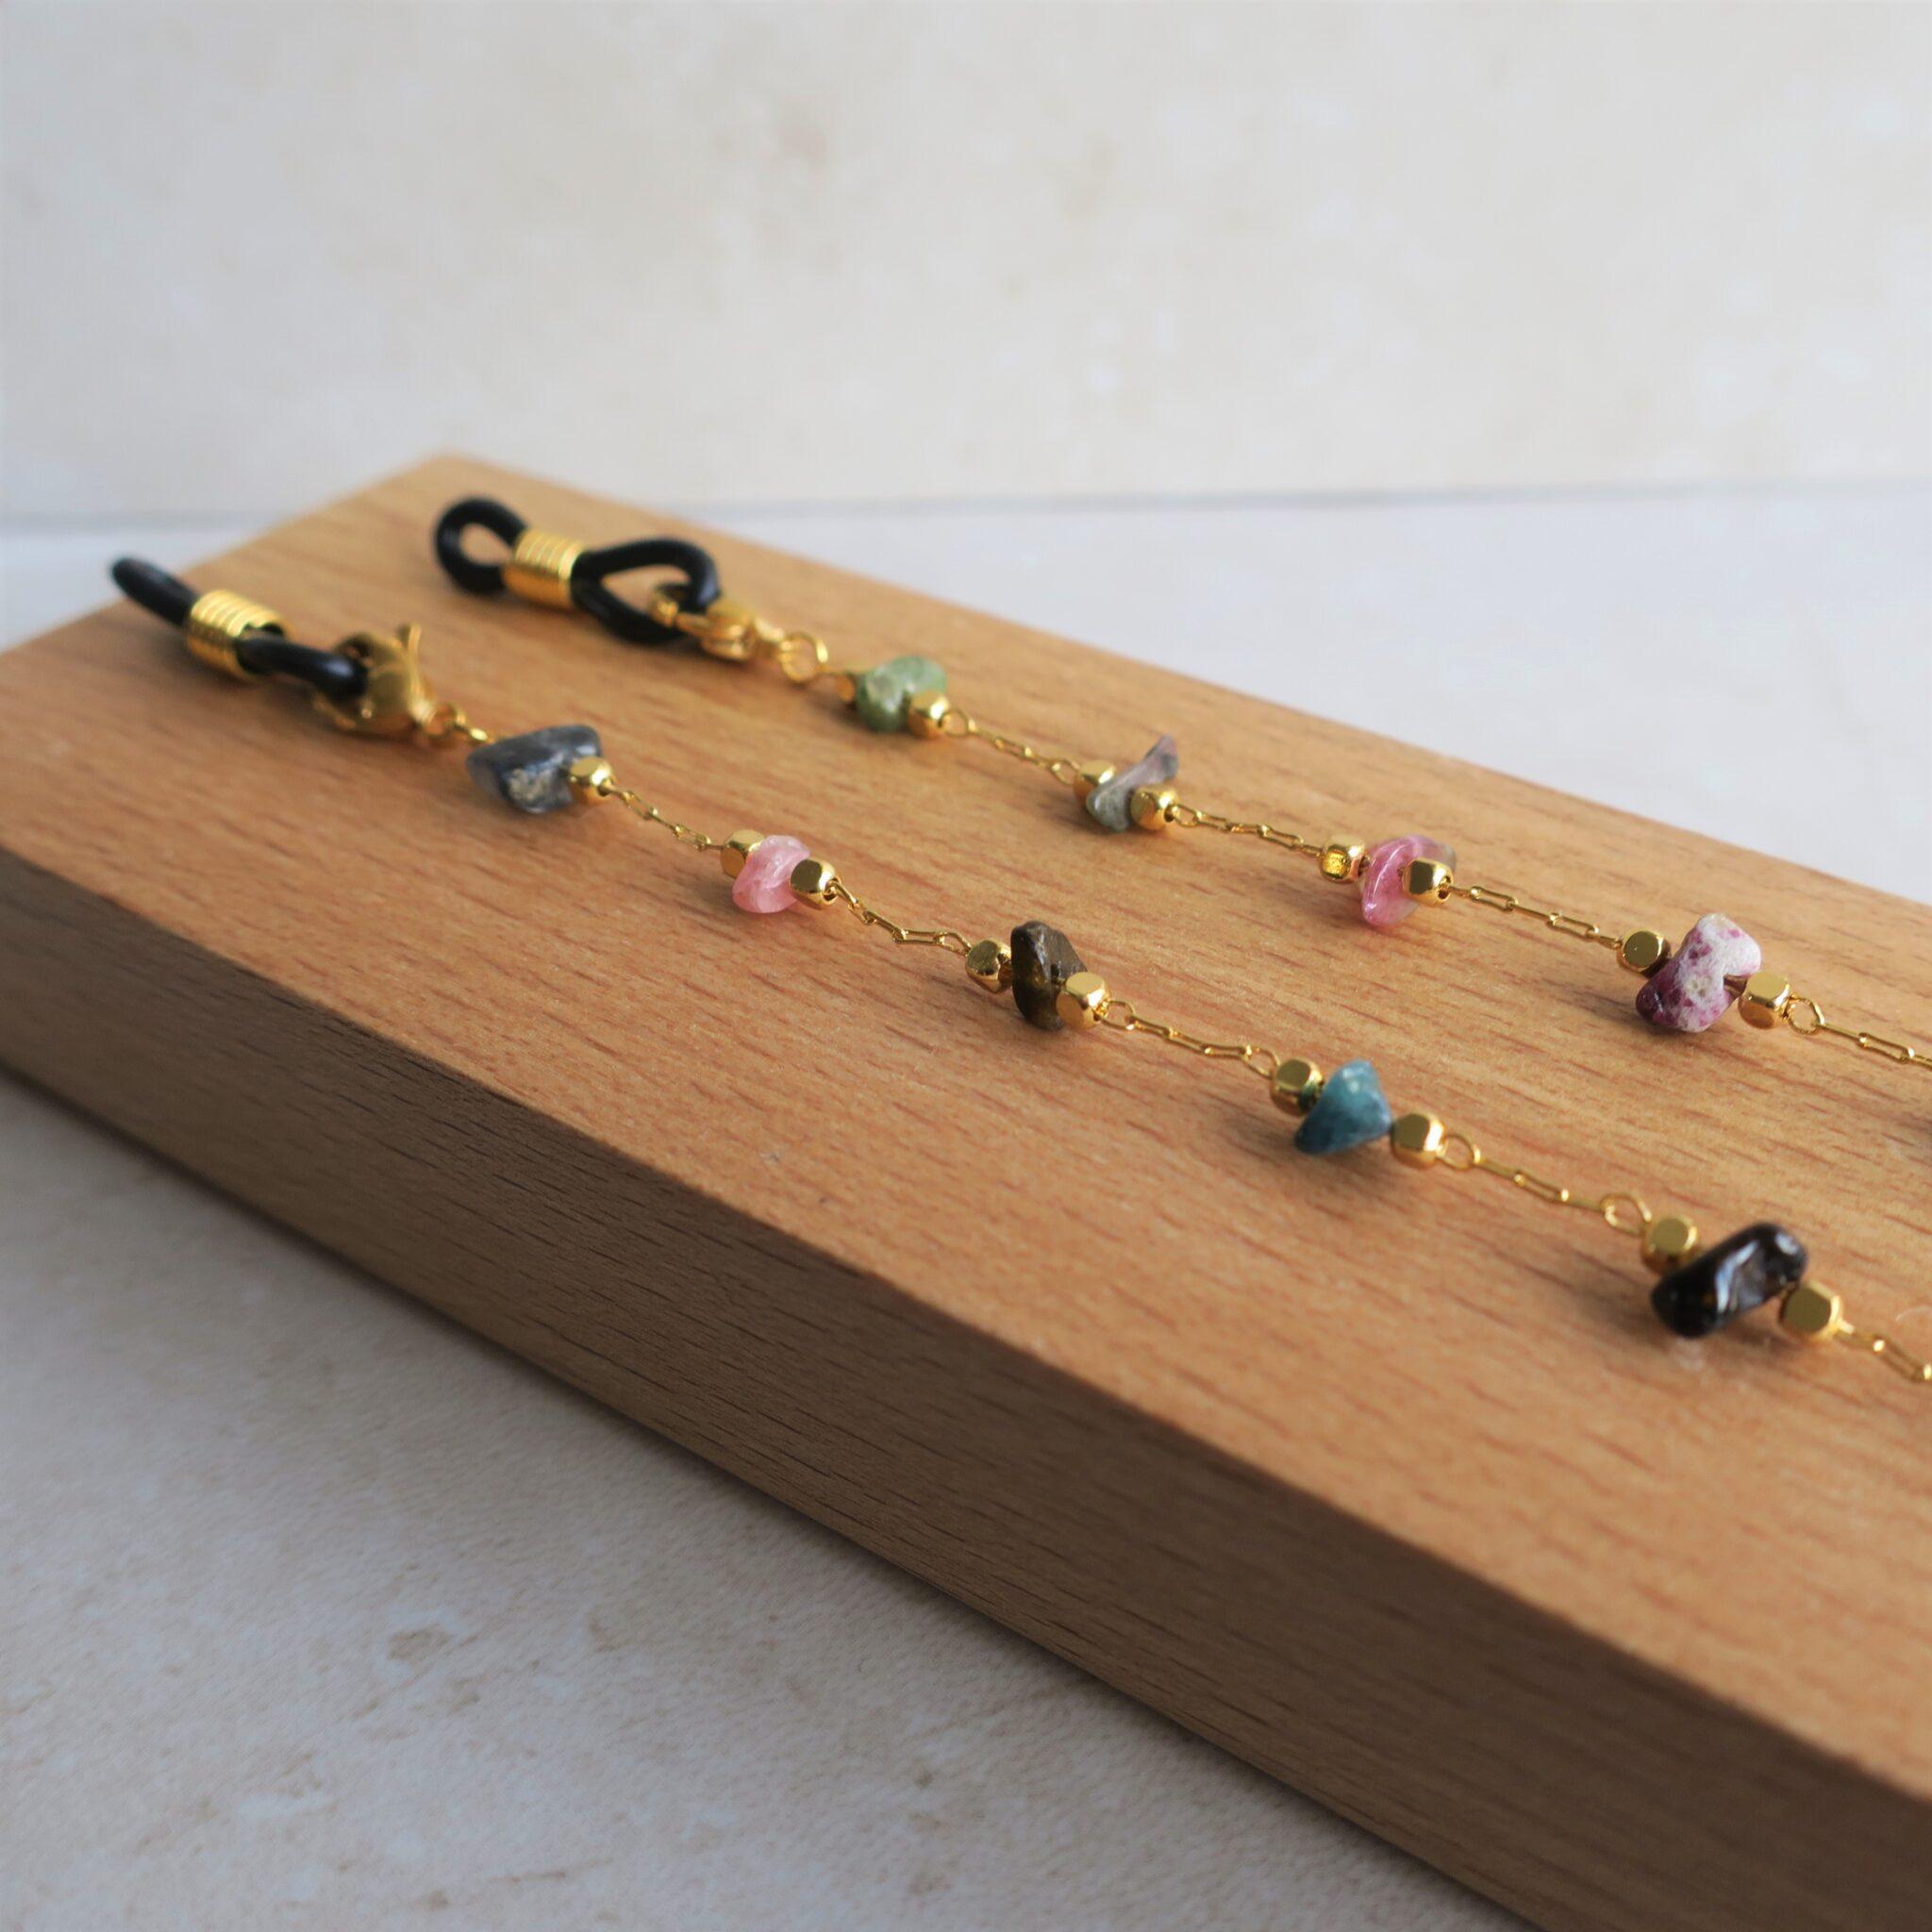 Chaine de lunettes dorée à l'or fin et pierres fines